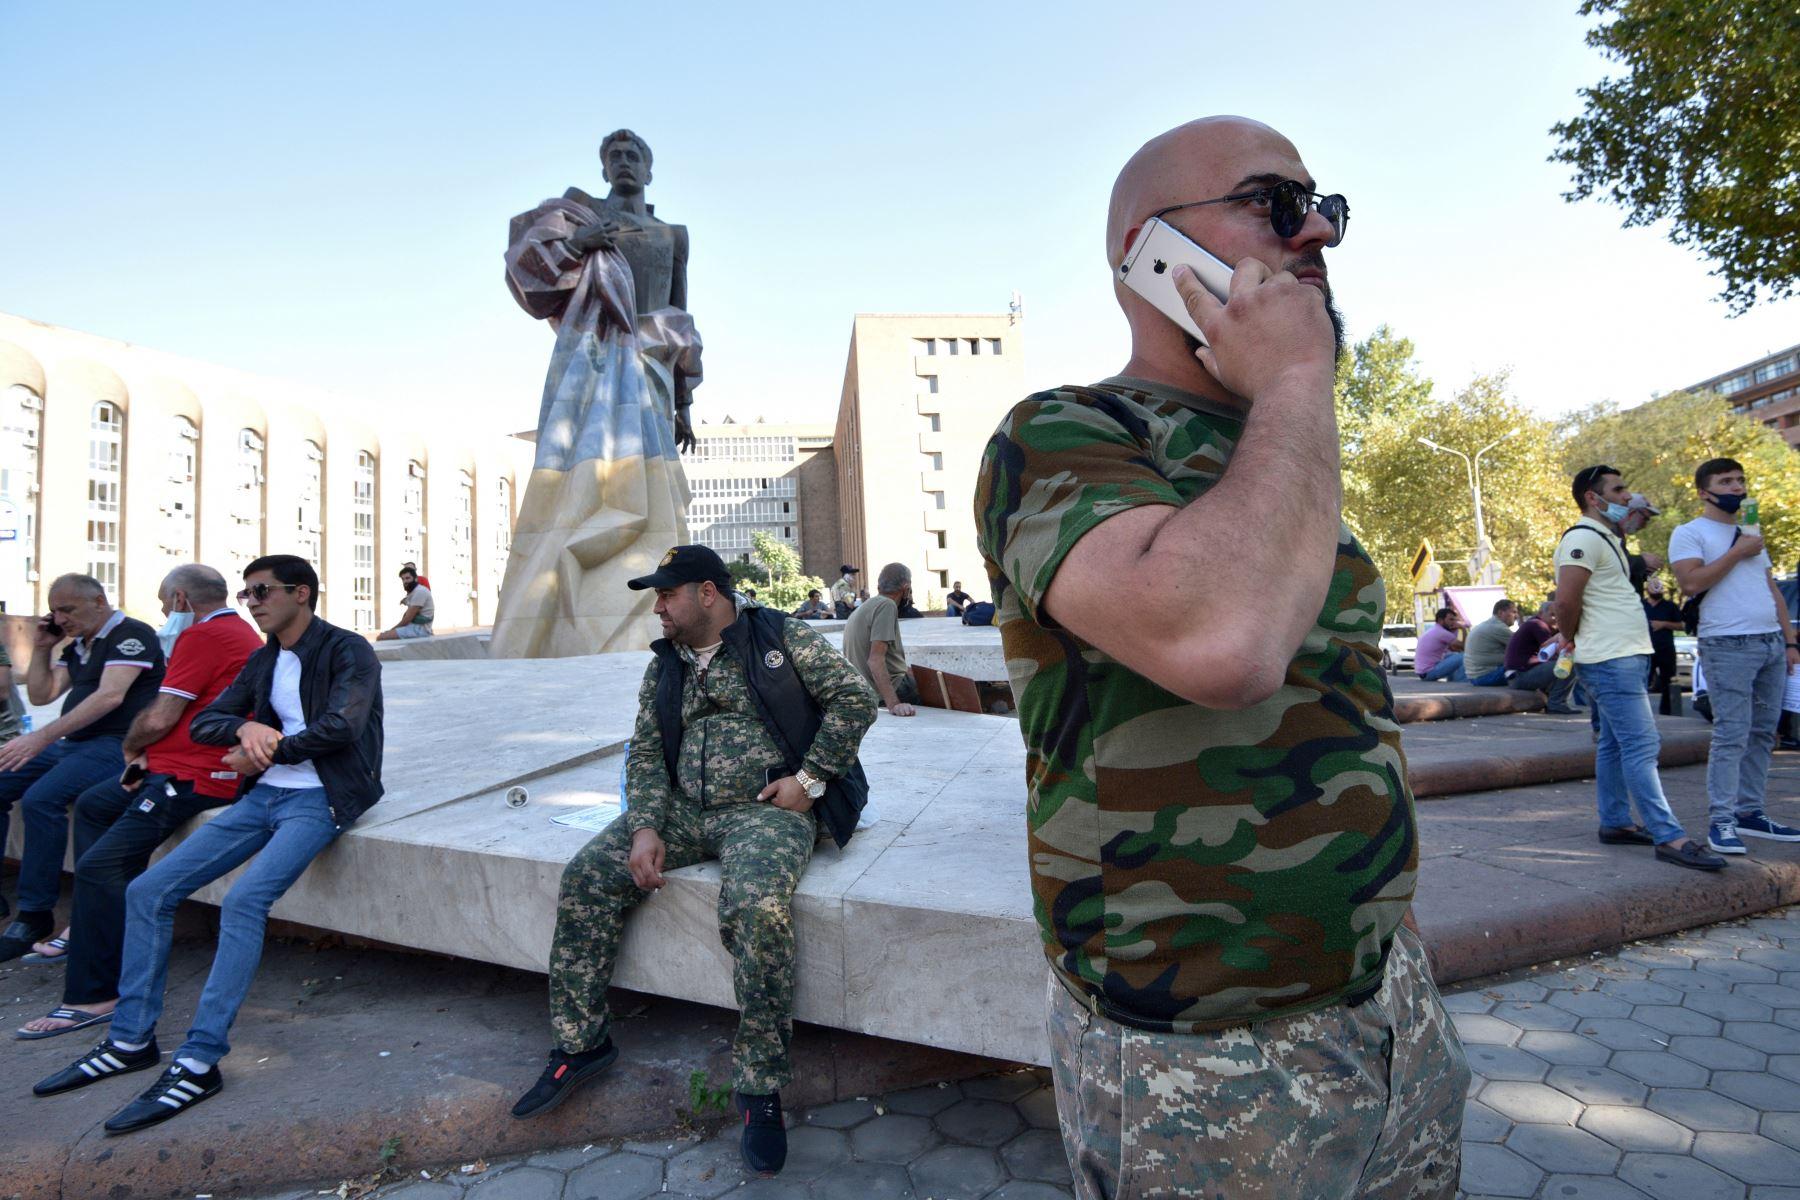 Voluntarios y veteranos, que están listos para ir a la línea del frente en Nagorno Karabaj, se reúnen en Ereván . Los archienemigos Armenia y Azerbaiyán  se acusaron mutuamente de iniciar los enfrentamientos mortales a lo largo de la disputada línea del frente de Nagrorny Karabaj. que han cobrado bajas militares y civiles en ambos lados. Foto: AFP